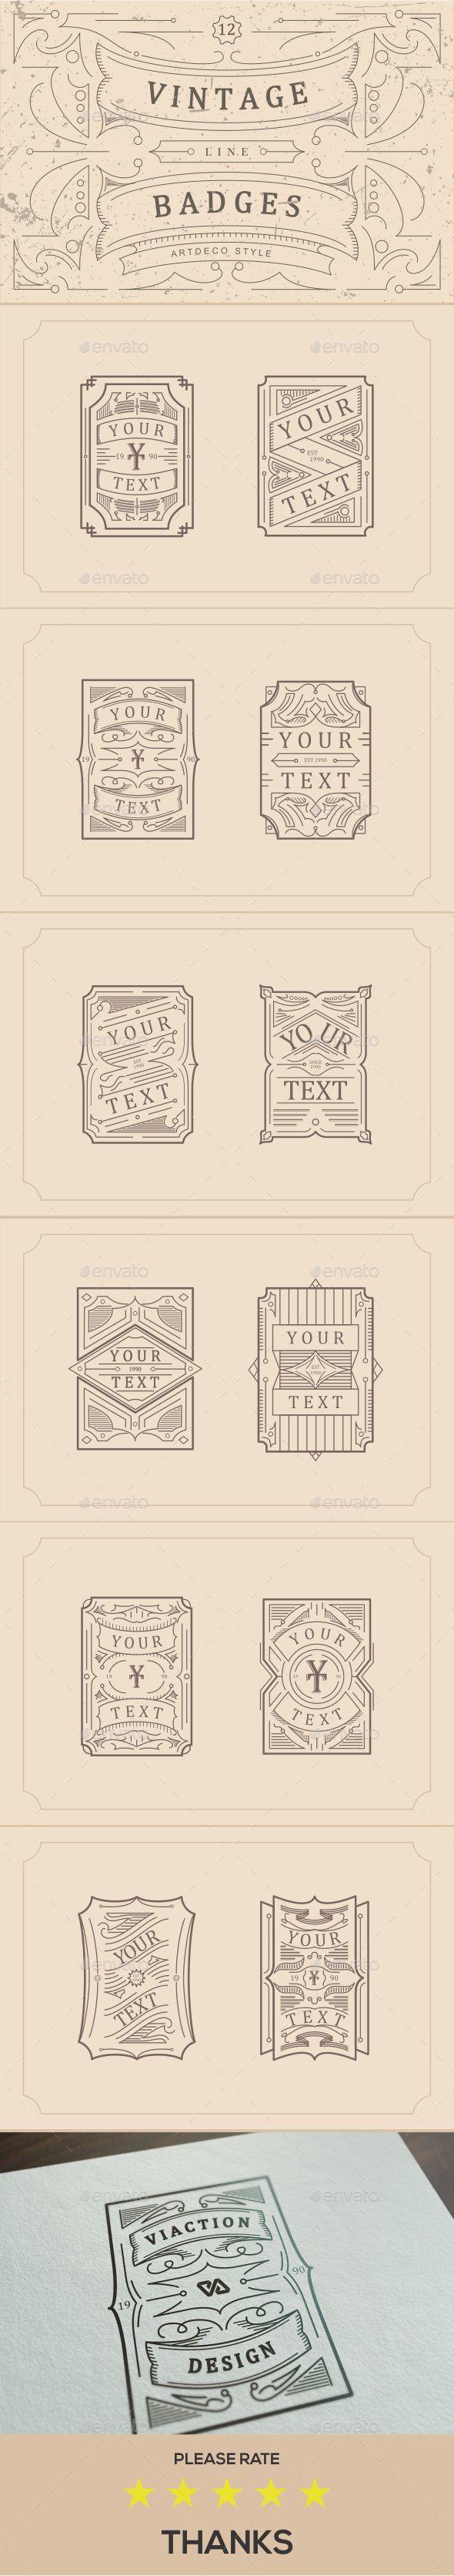 Vintage Line Badges - Conceptual Vectors